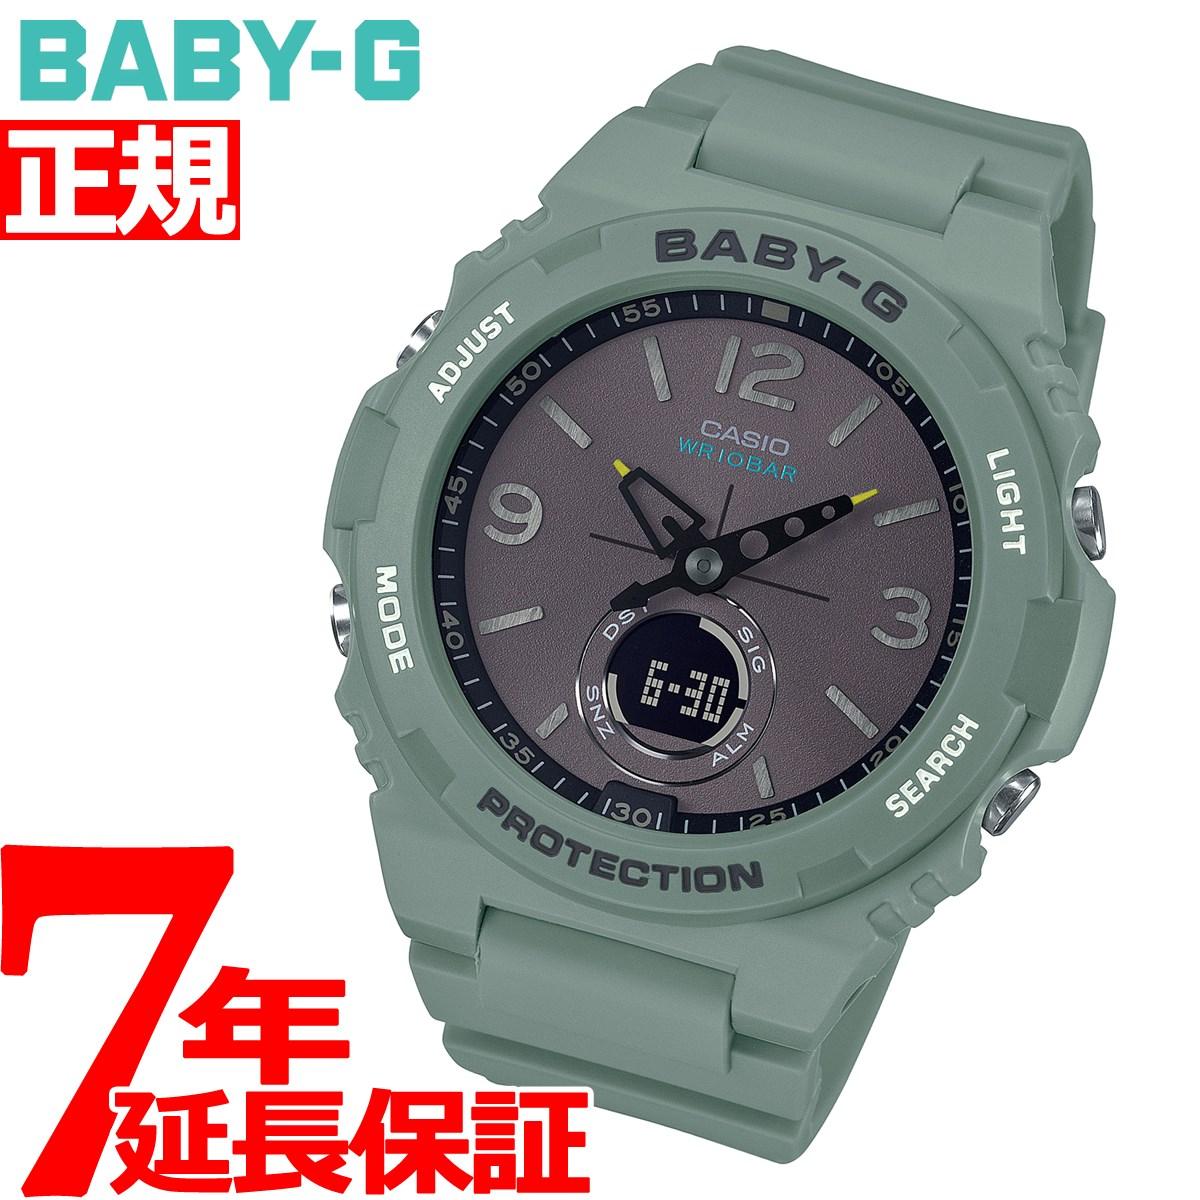 BABY-G カシオ ベビーG レディース 腕時計 BGA-260-3AJF